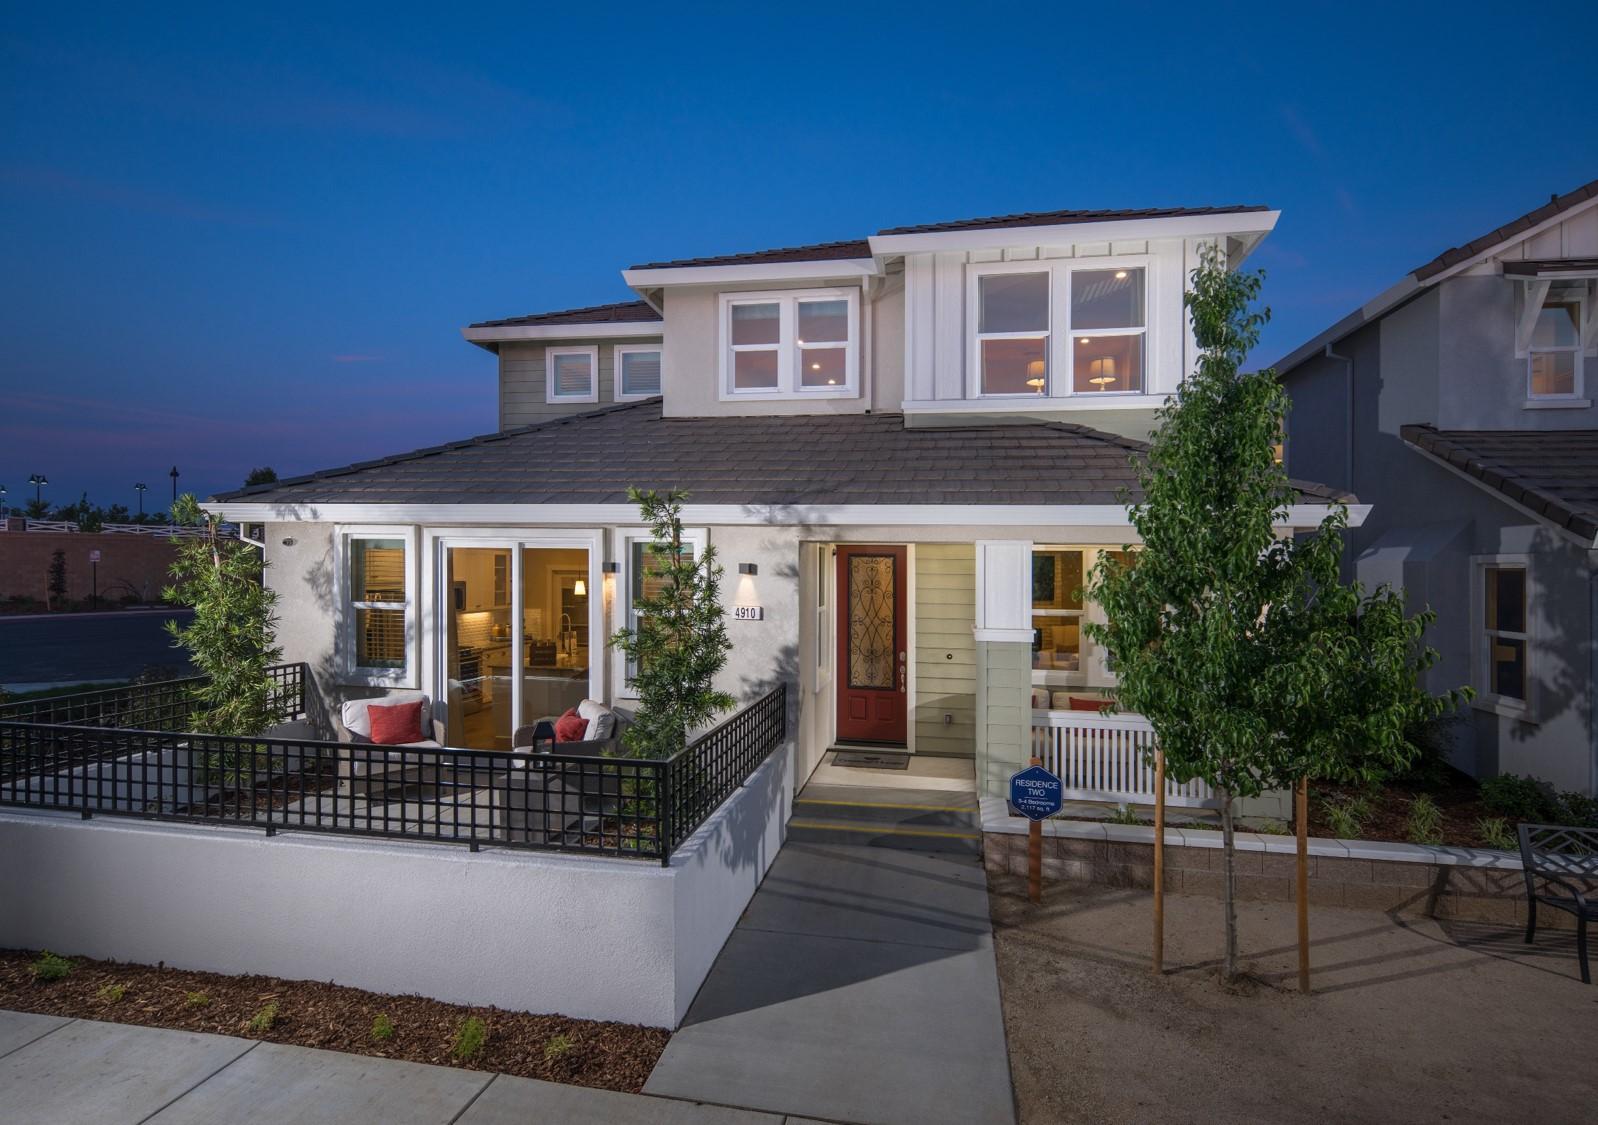 100 Home Design Center Rocklin Ca 100 Home Design